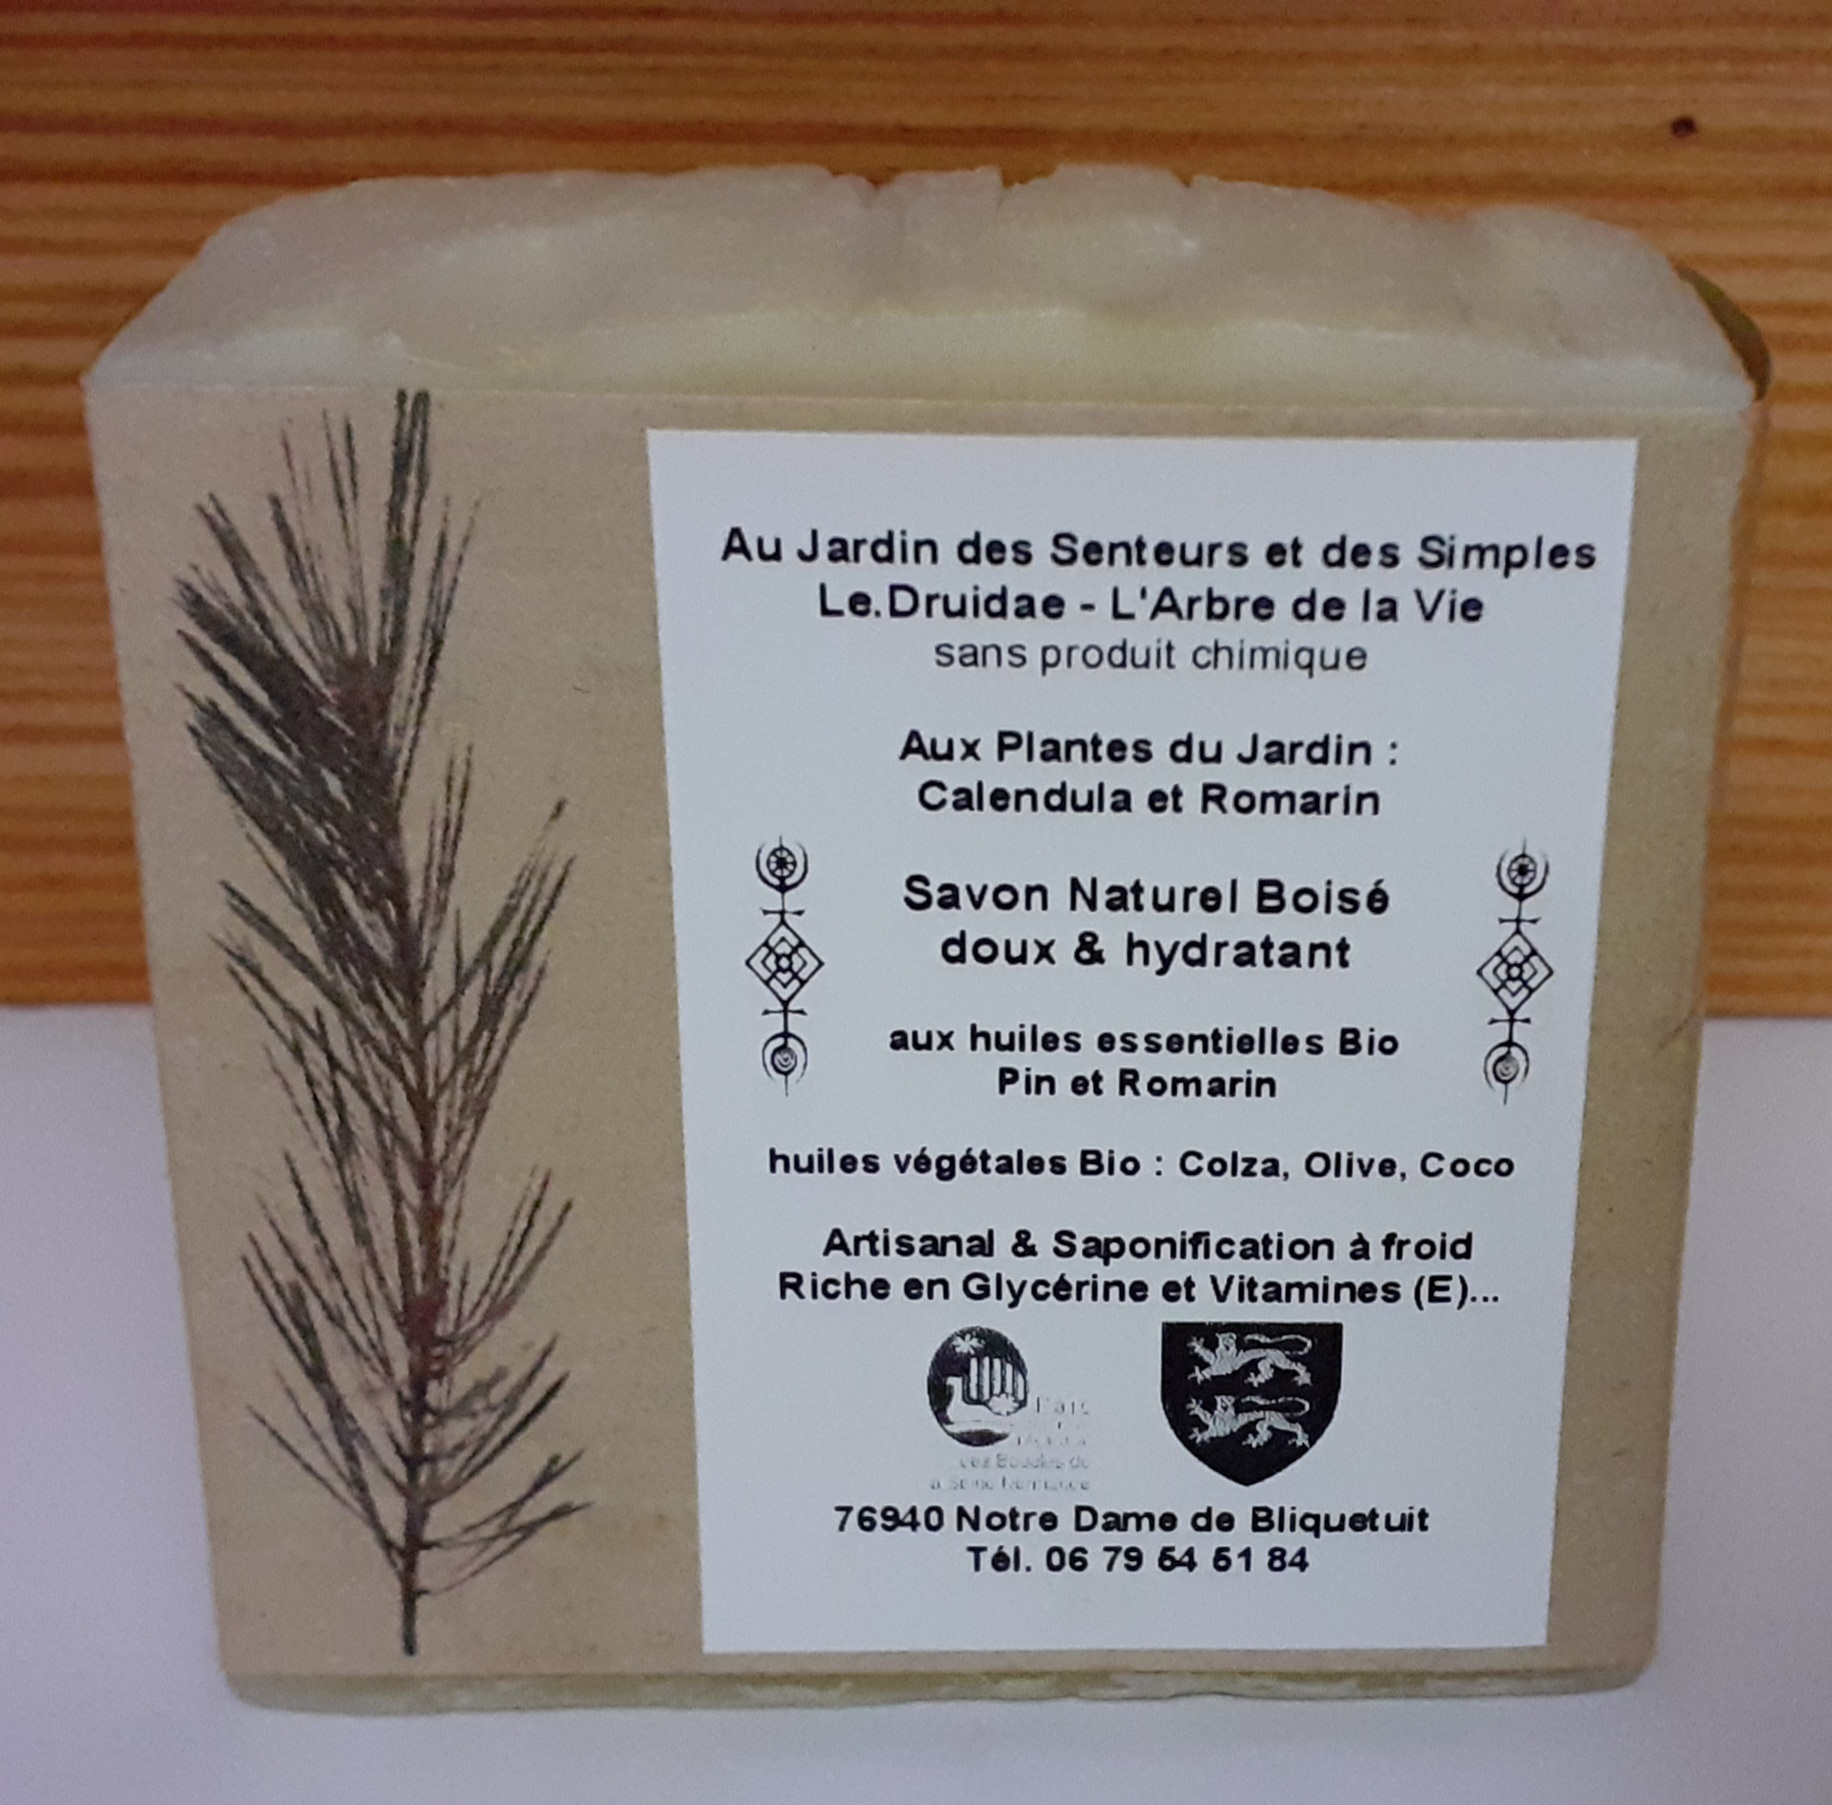 Savon Artisanal Naturel Boisé (Saponification à froid)